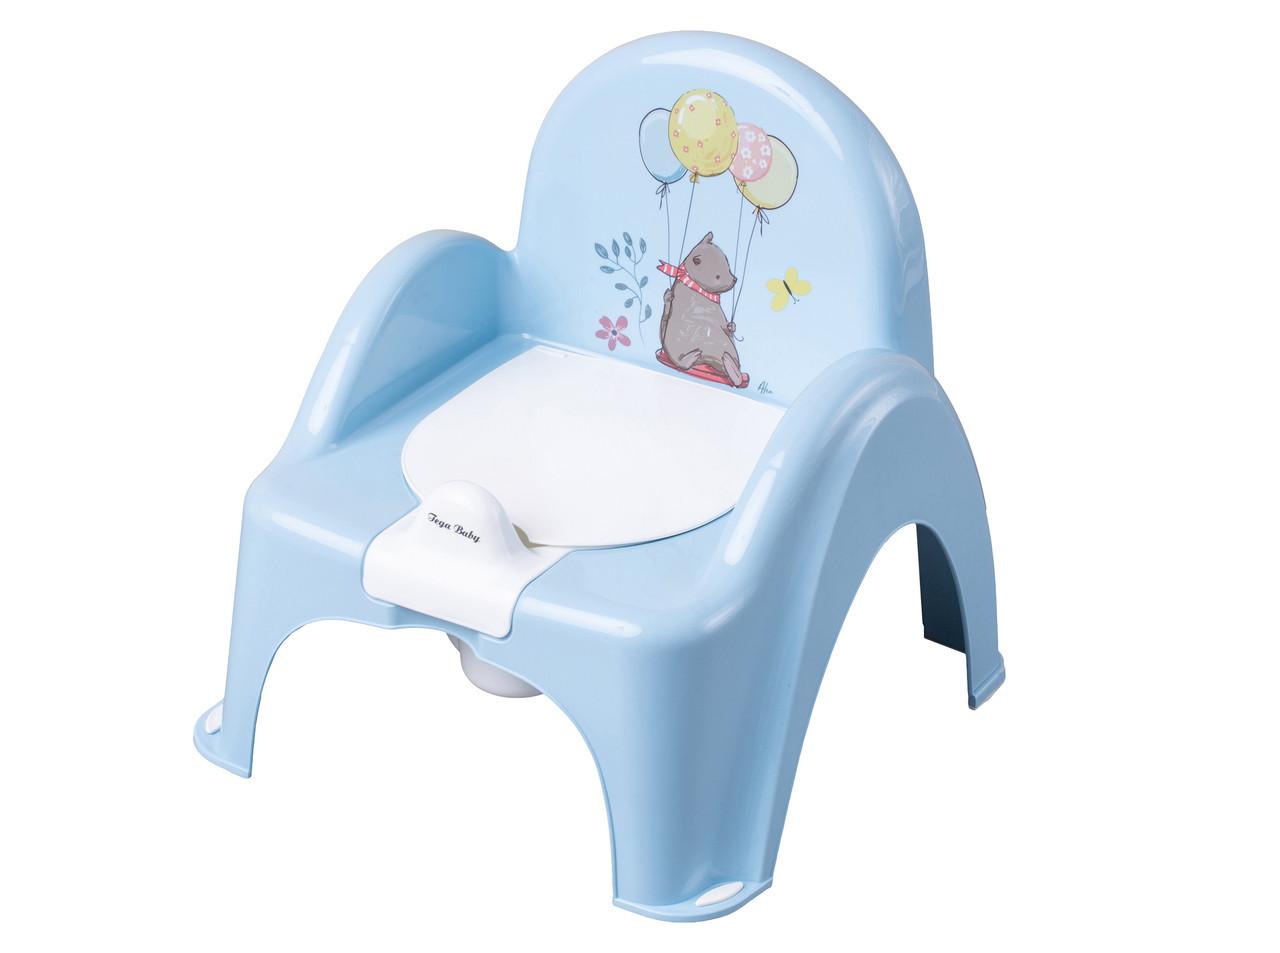 Горшок-стульчик Tega Baby Лесная Сказка Голубой